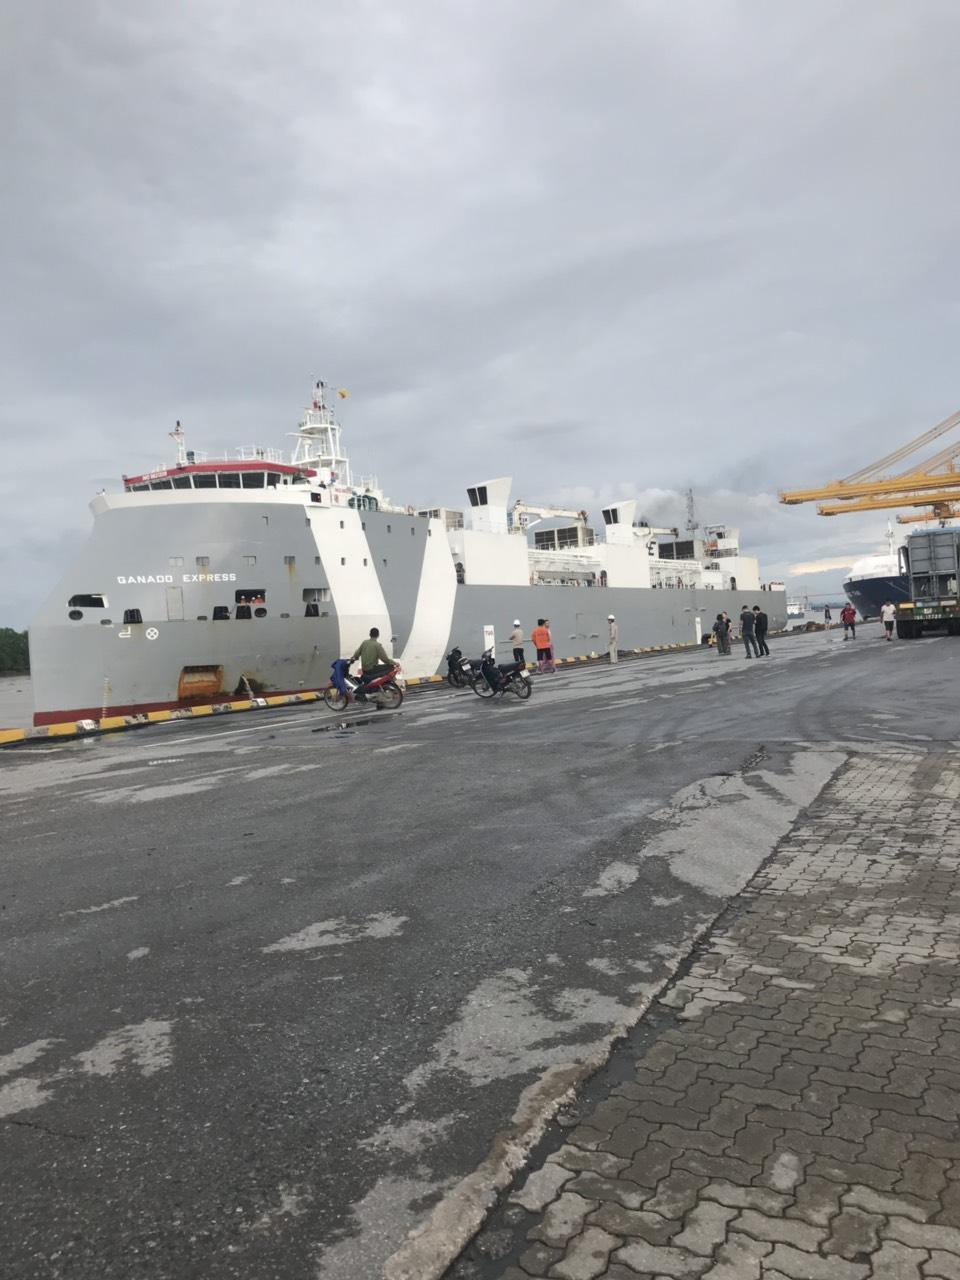 Tầu Bò Úc GANADO và FINOLA cảng Chùa Vẽ HP